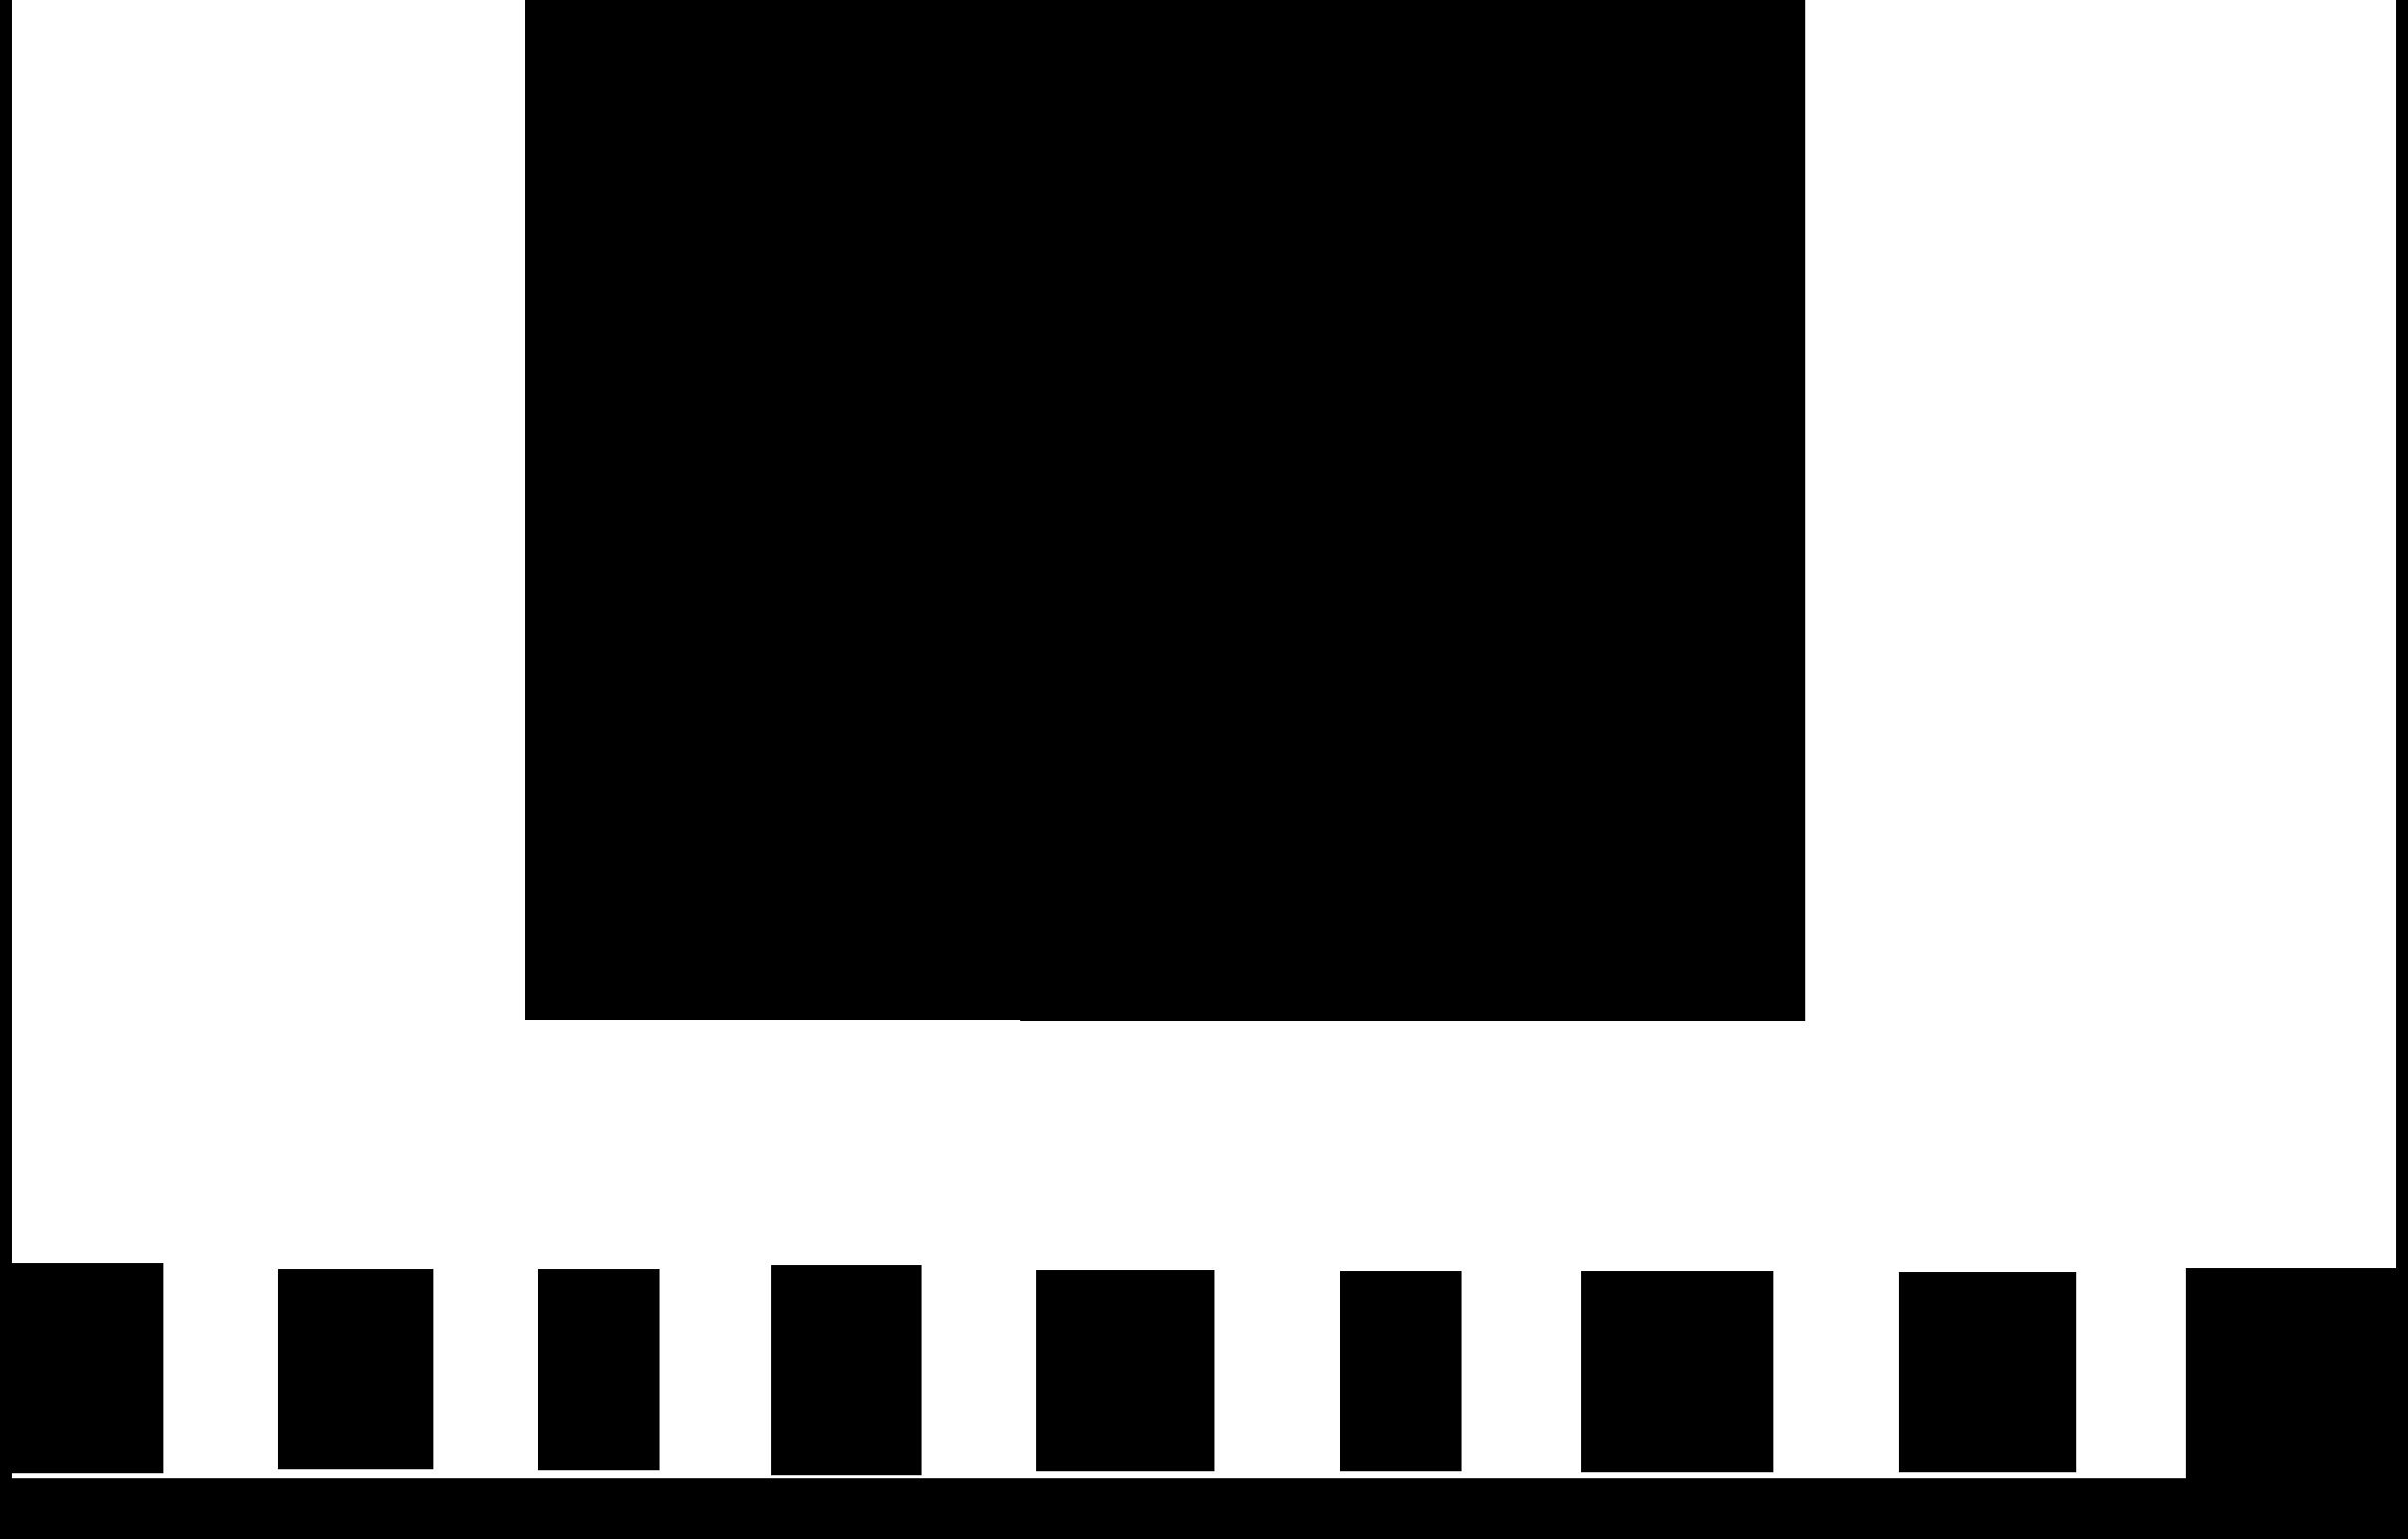 Crechendo_logo - black.png